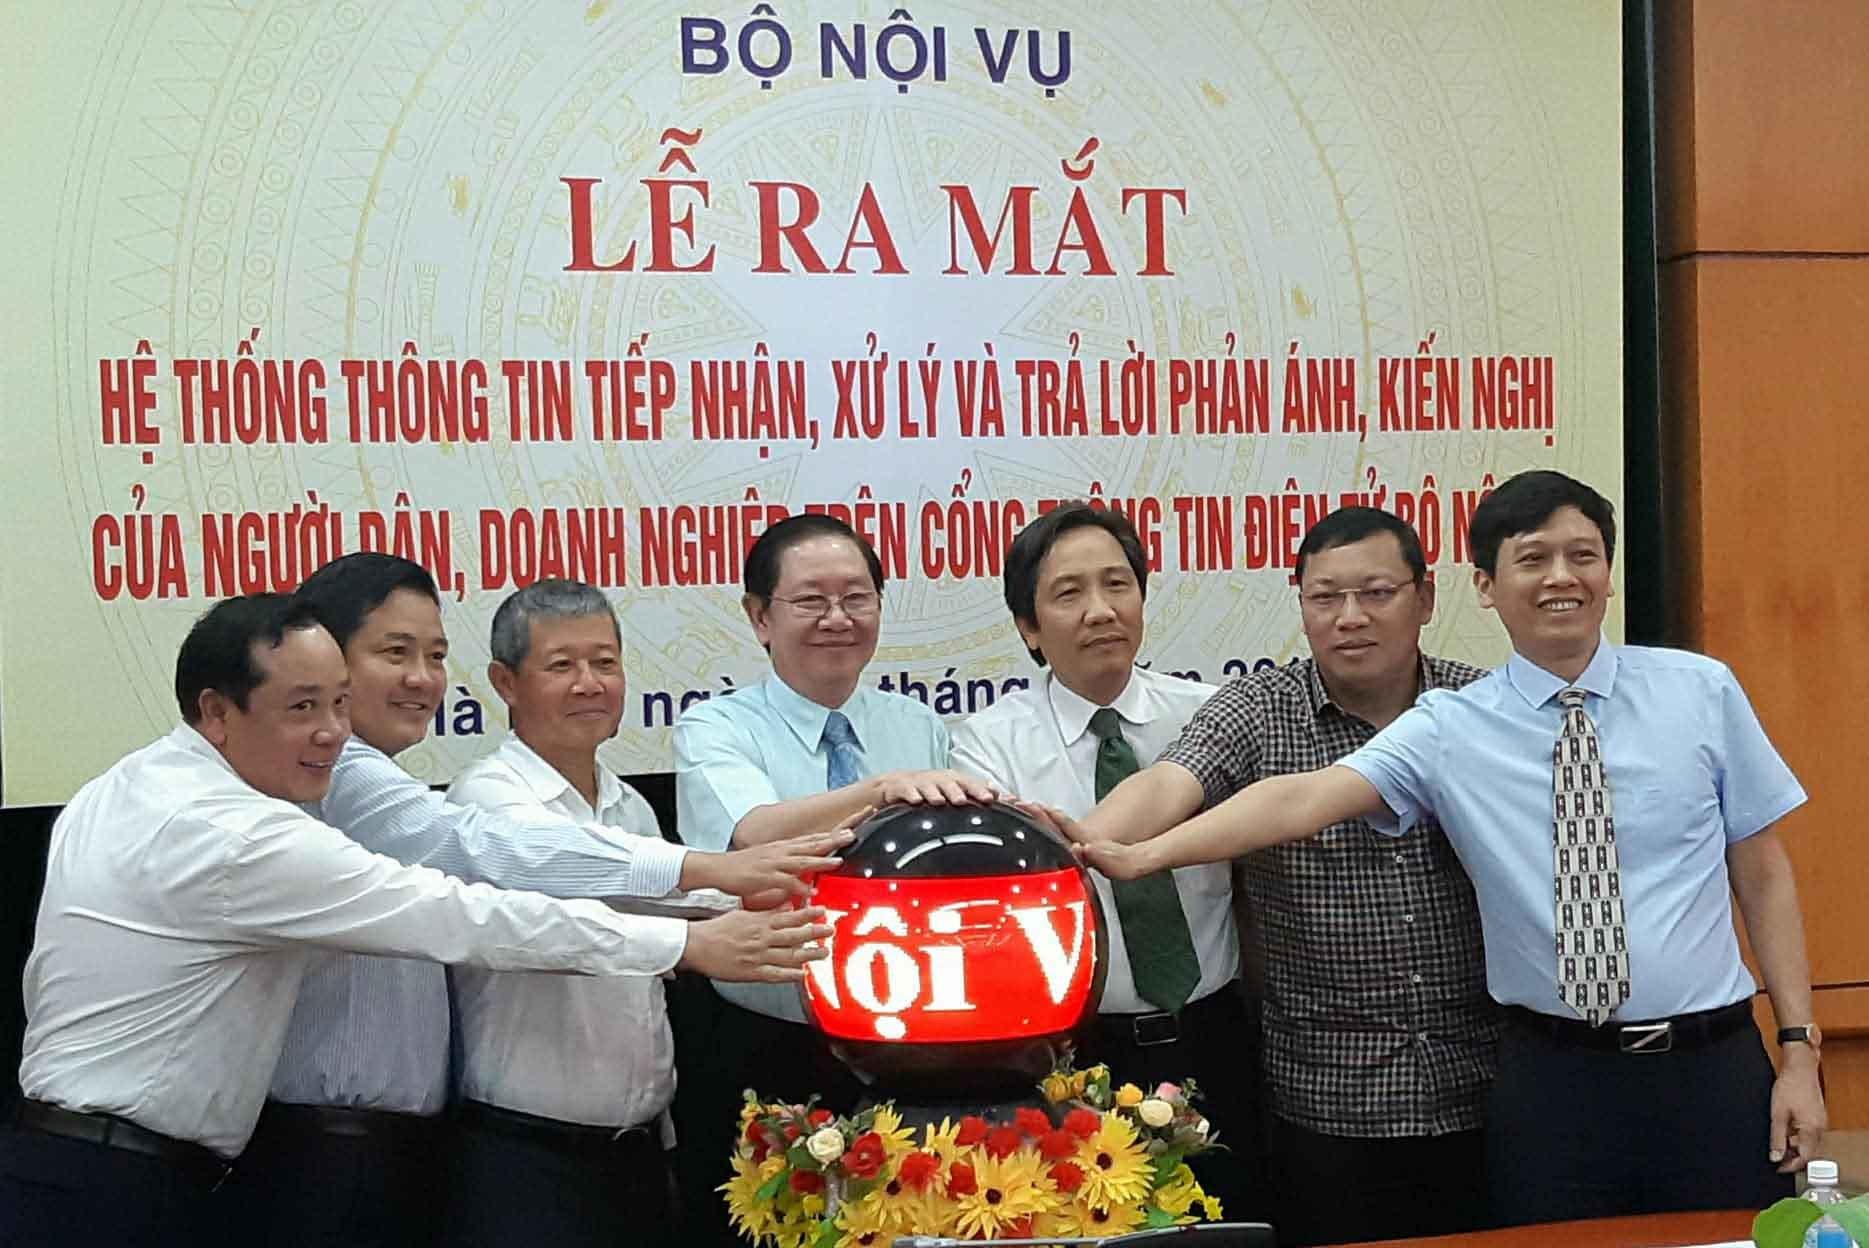 Bộ Nội vụ,cán bộ công chức,Bộ trưởng Nội vụ,Lê Vĩnh Tân,cải cách hành chính,chính phủ điện tử